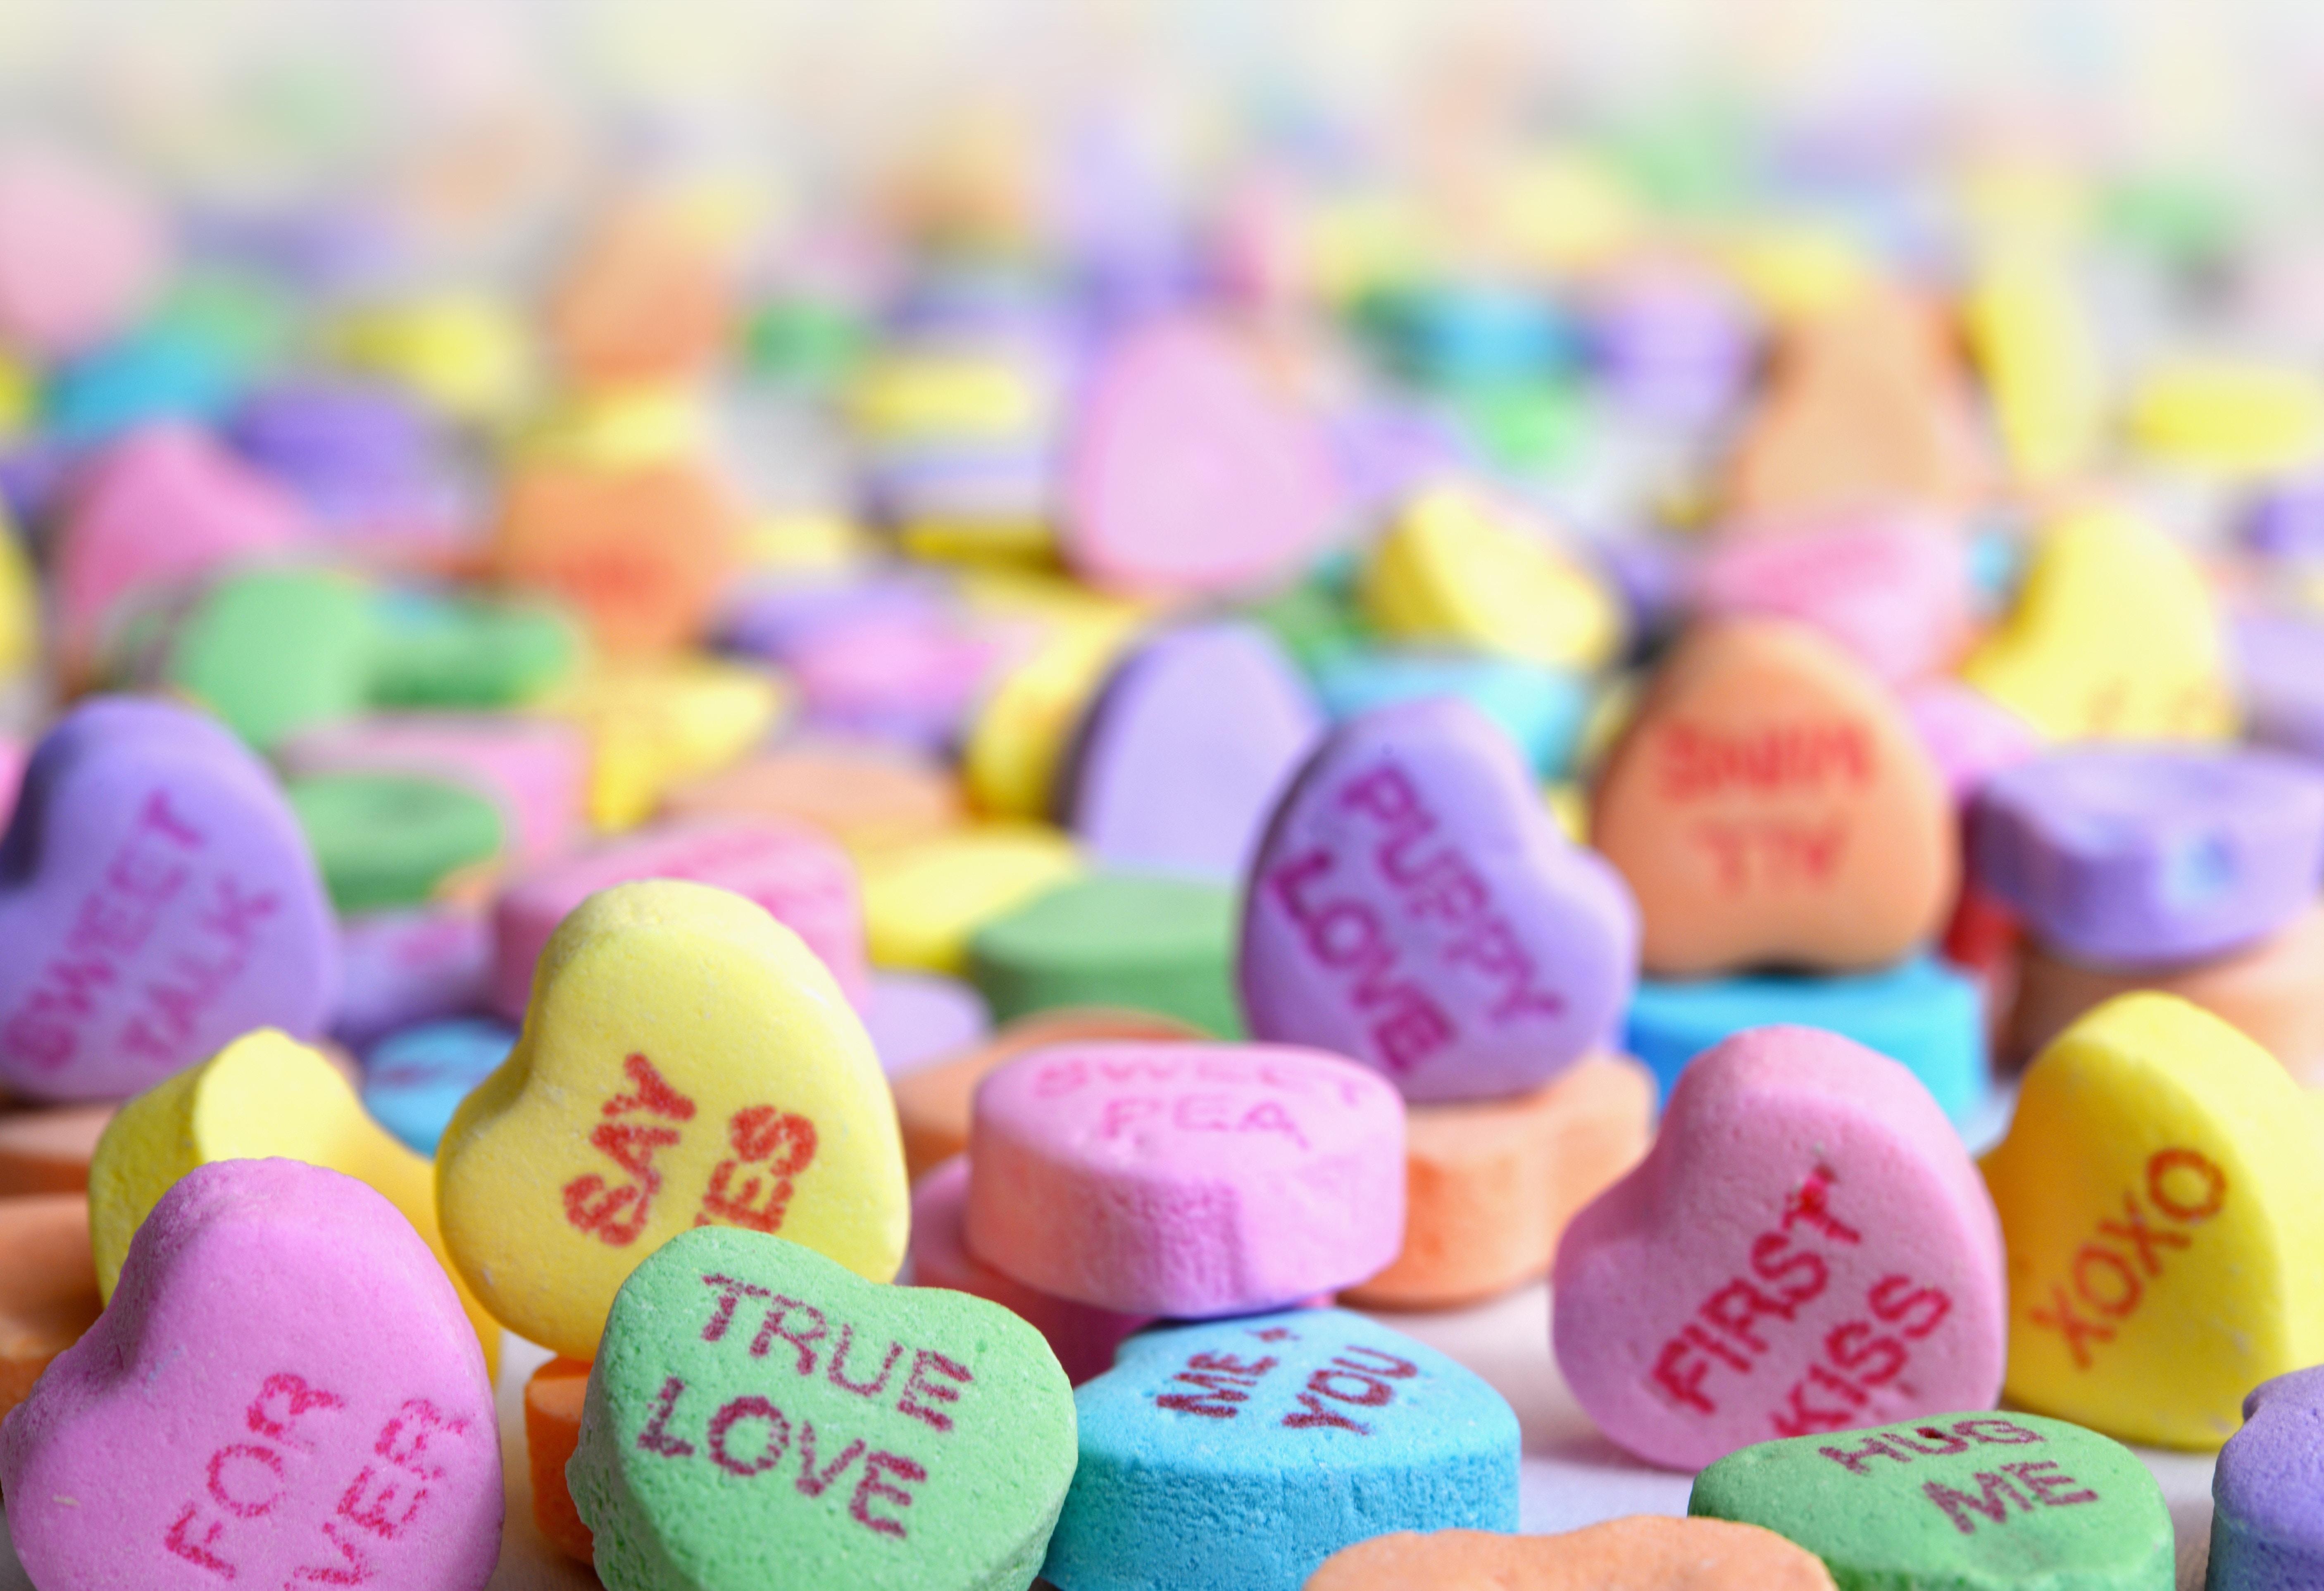 St-valentin, saint-valentin, fête de l'amour